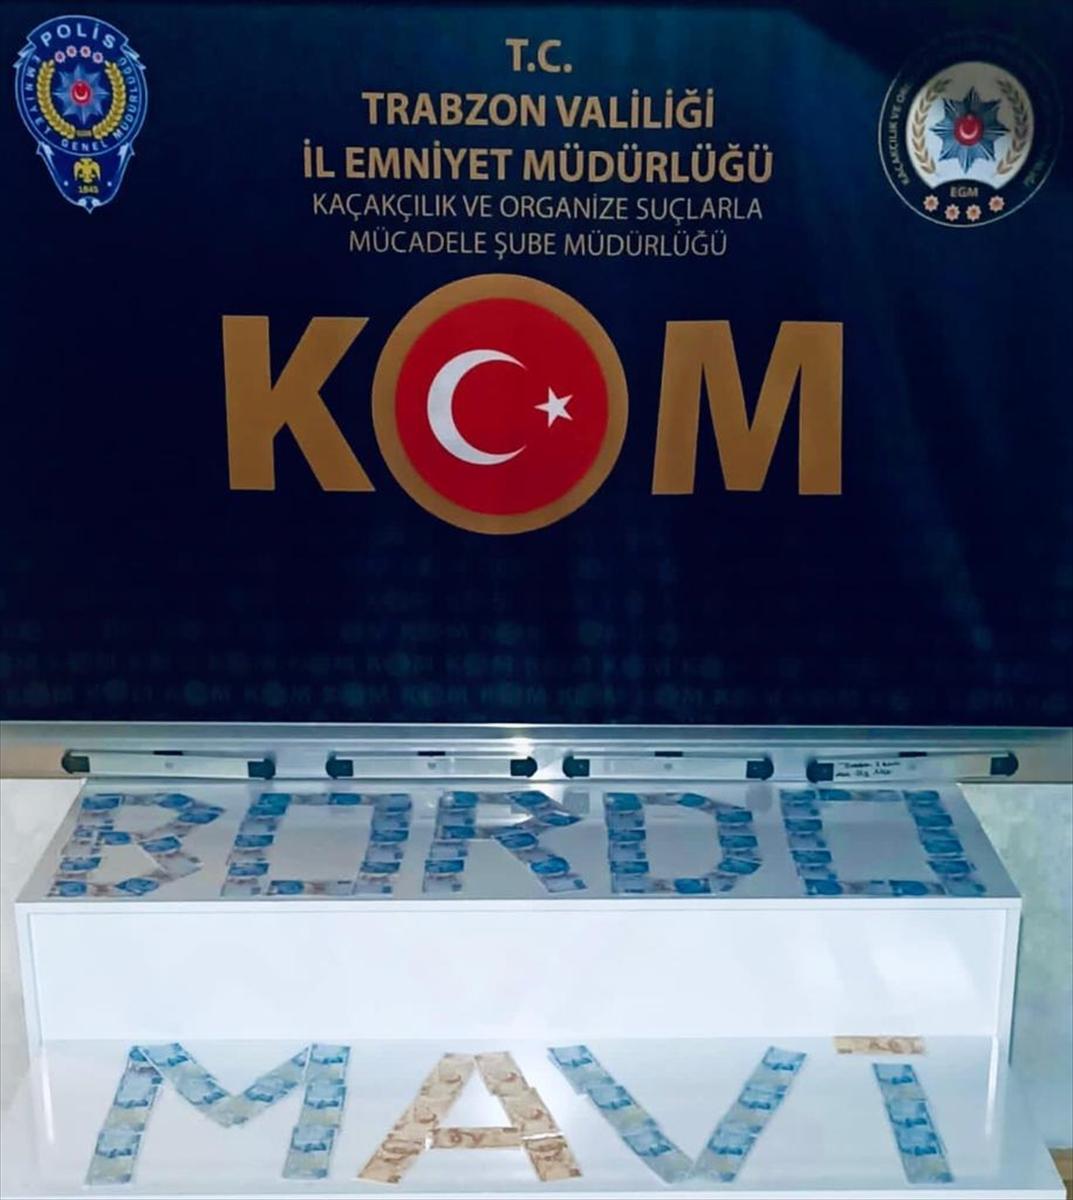 Trabzon'da sahte para operasyonunda 3 kişi gözaltına alındı